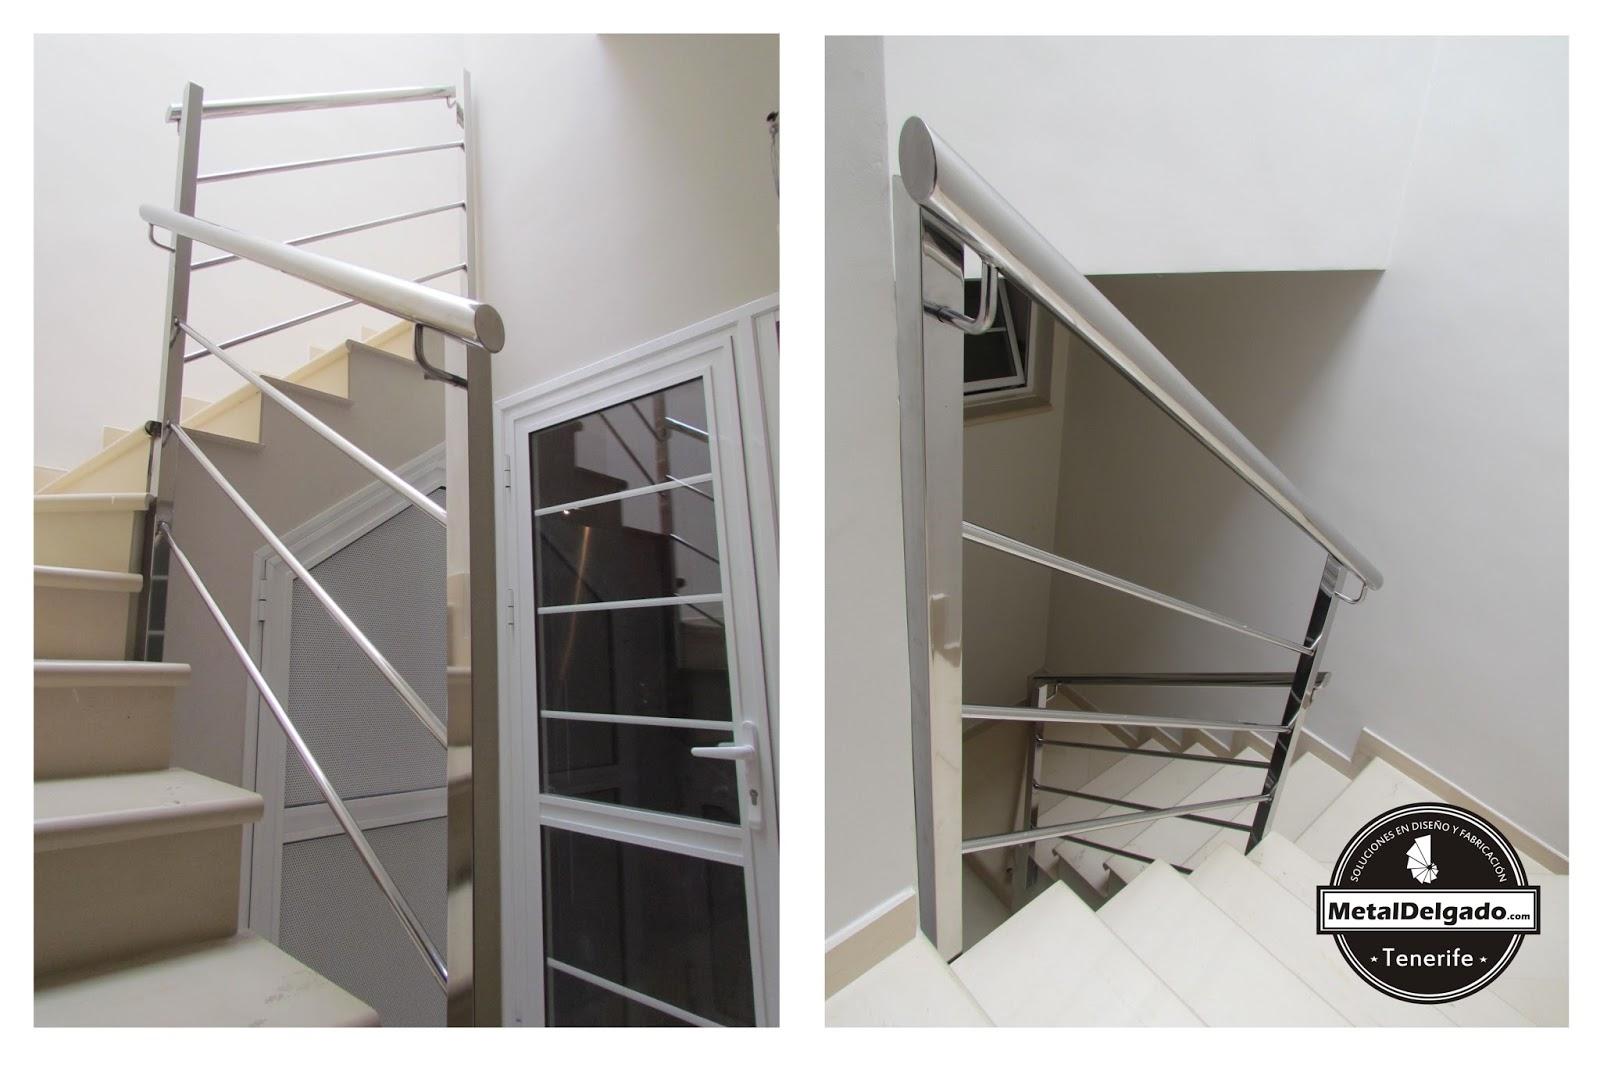 Acero inoxidable tenerife barandas acero inoxidable para - Barandillas de escaleras ...